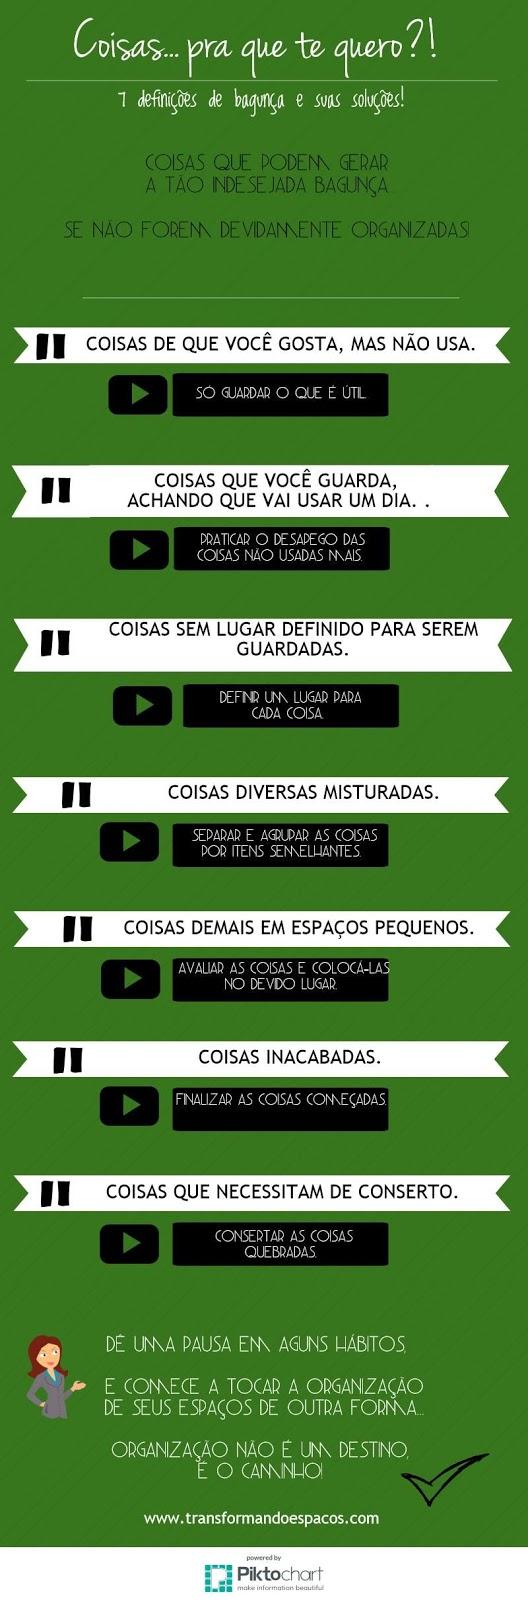 Infográfico: Coisas... pra que te quero?! 7 definições de bagunça e suas soluções